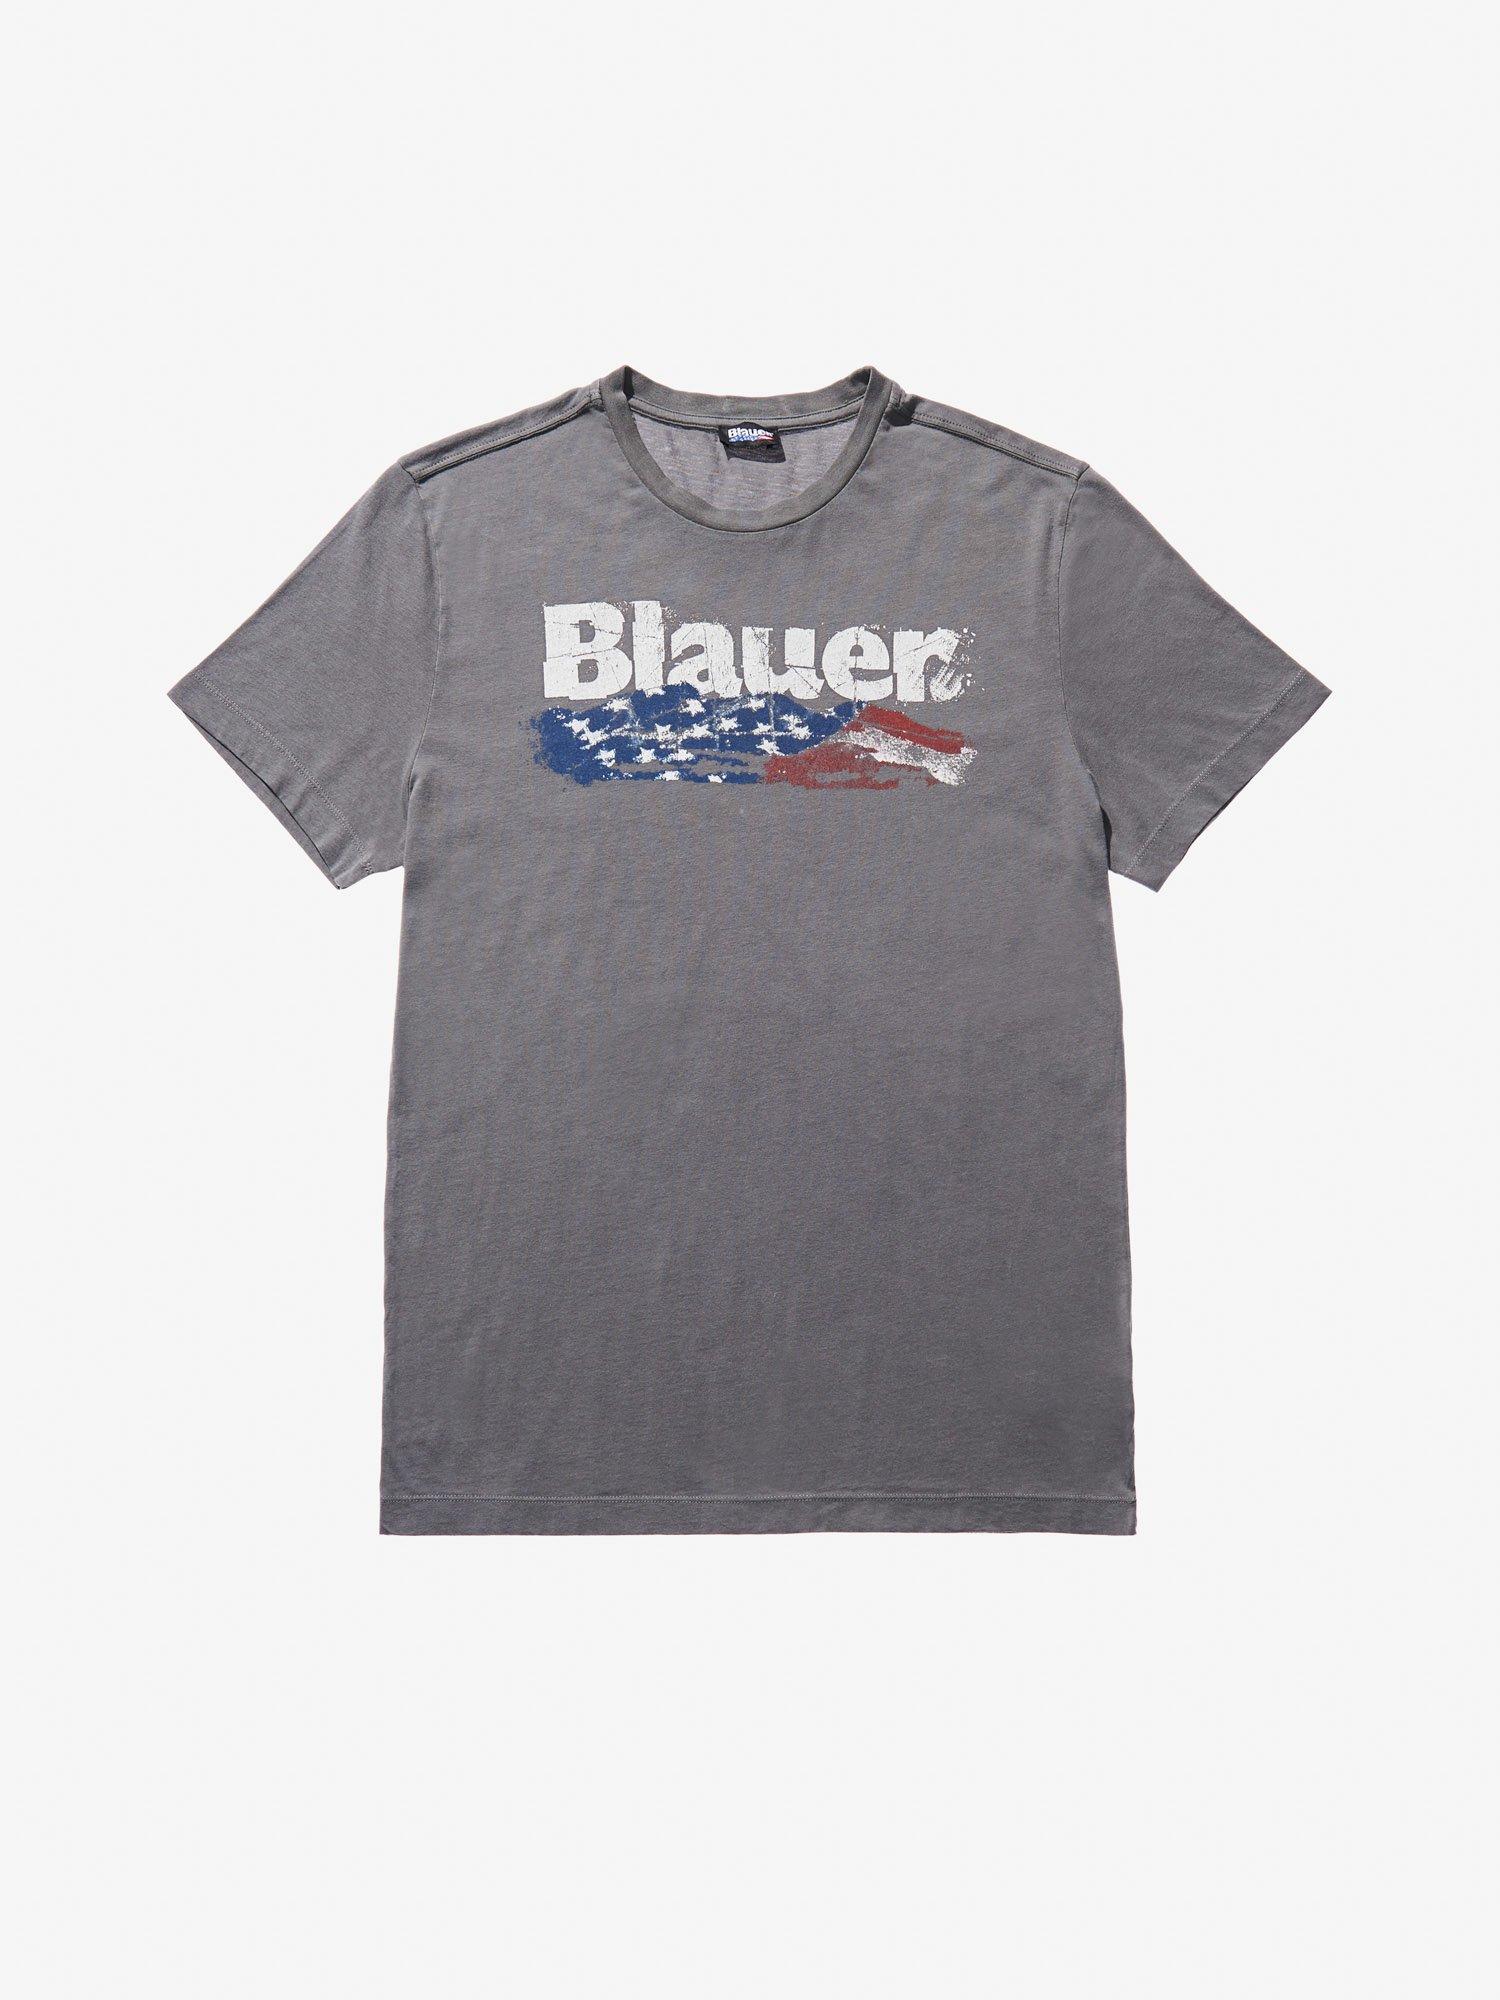 T-SHIRT BANDIERA - Blauer